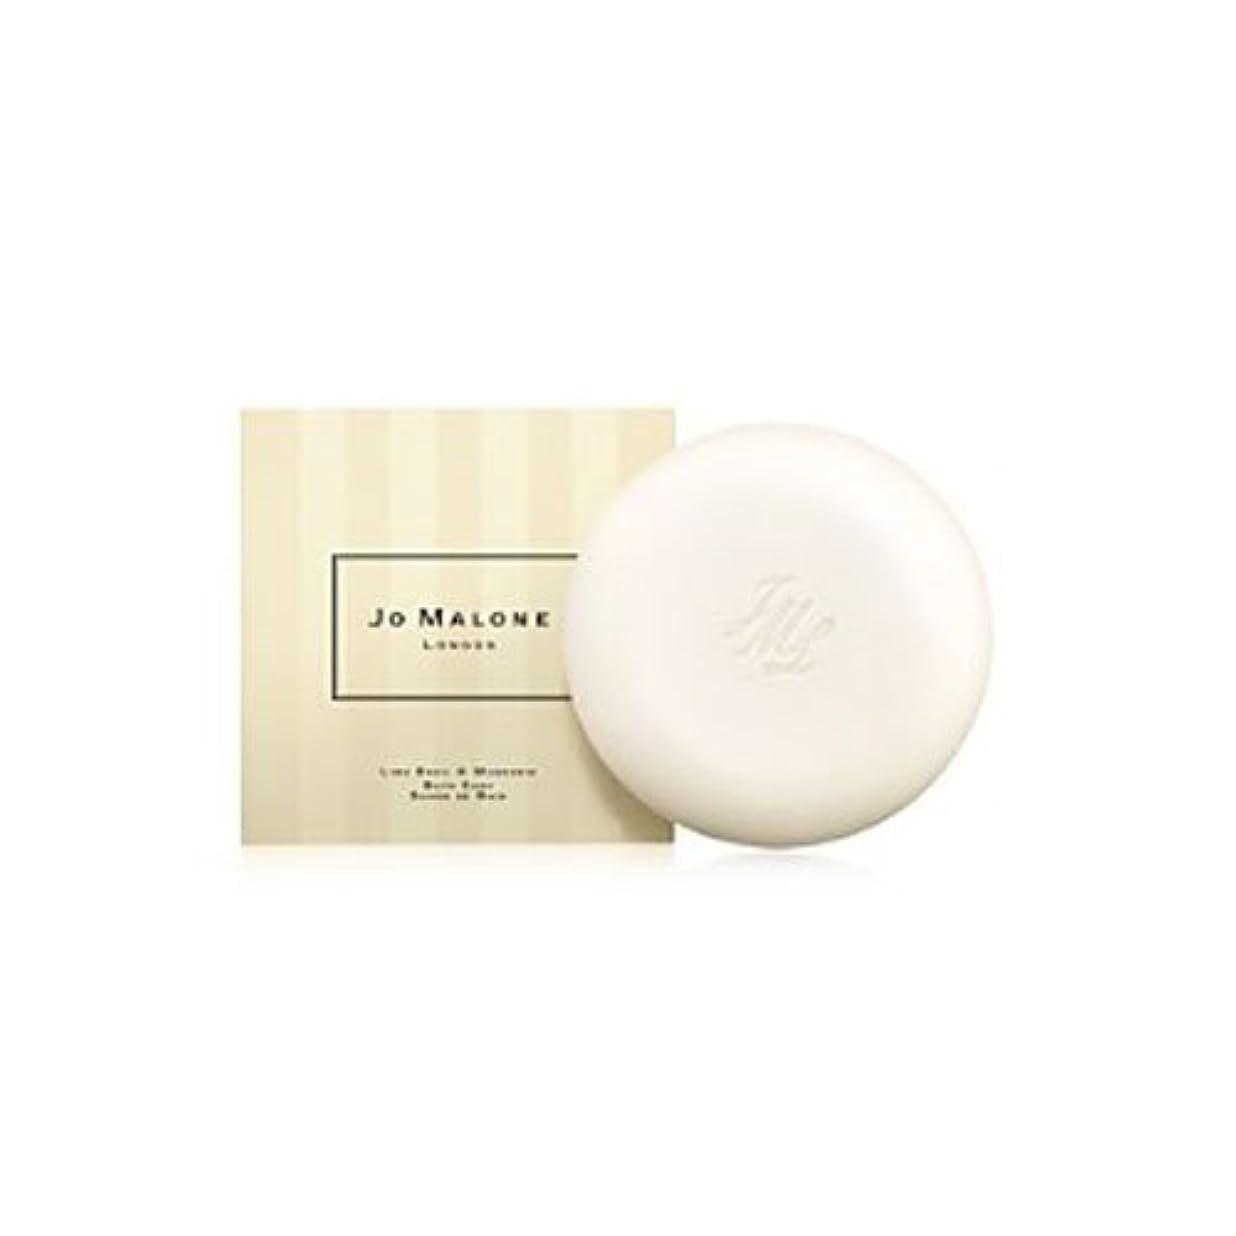 偶然の蒸発講義ジョー マローン ライムバジル&マンダリン ソープ 180g JO MALONE LIME BASIL&MANDARIN BATH SOAP [並行輸入品]